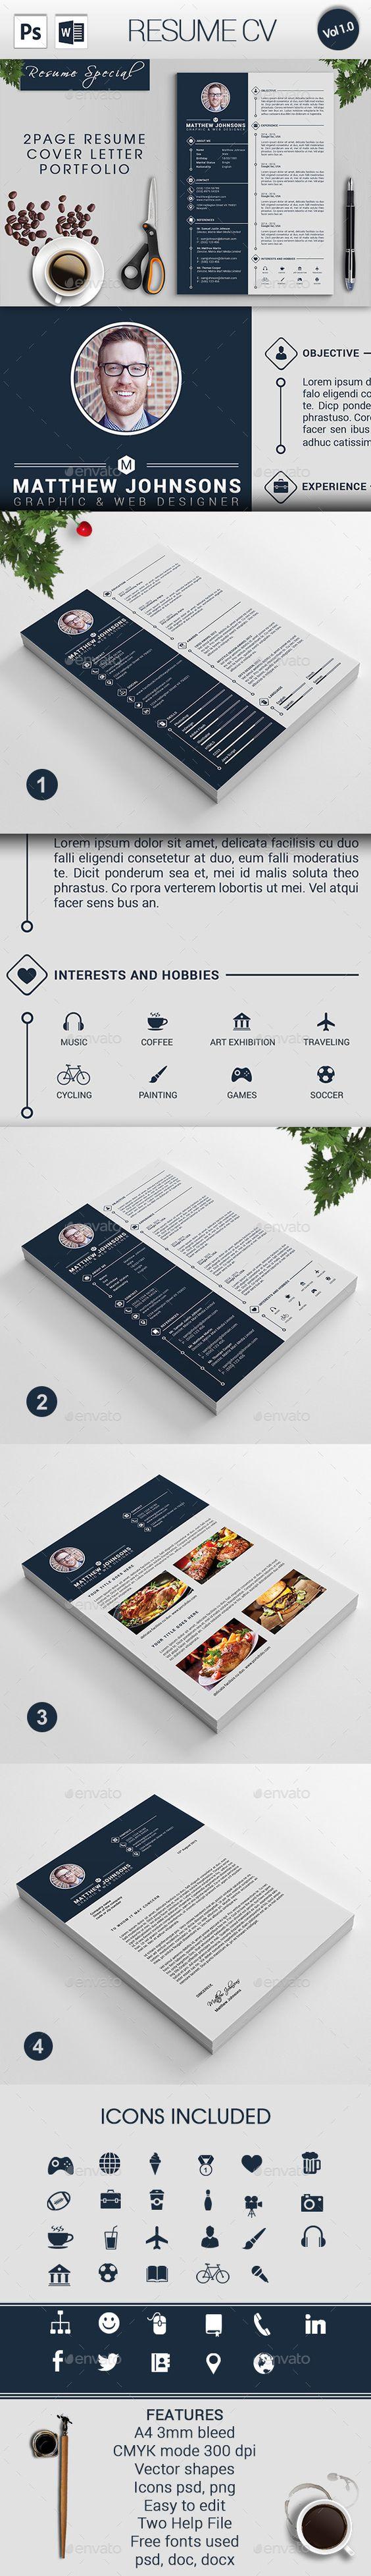 resume cv template psd design graphicriver net resume cv template psd design graphicriver net